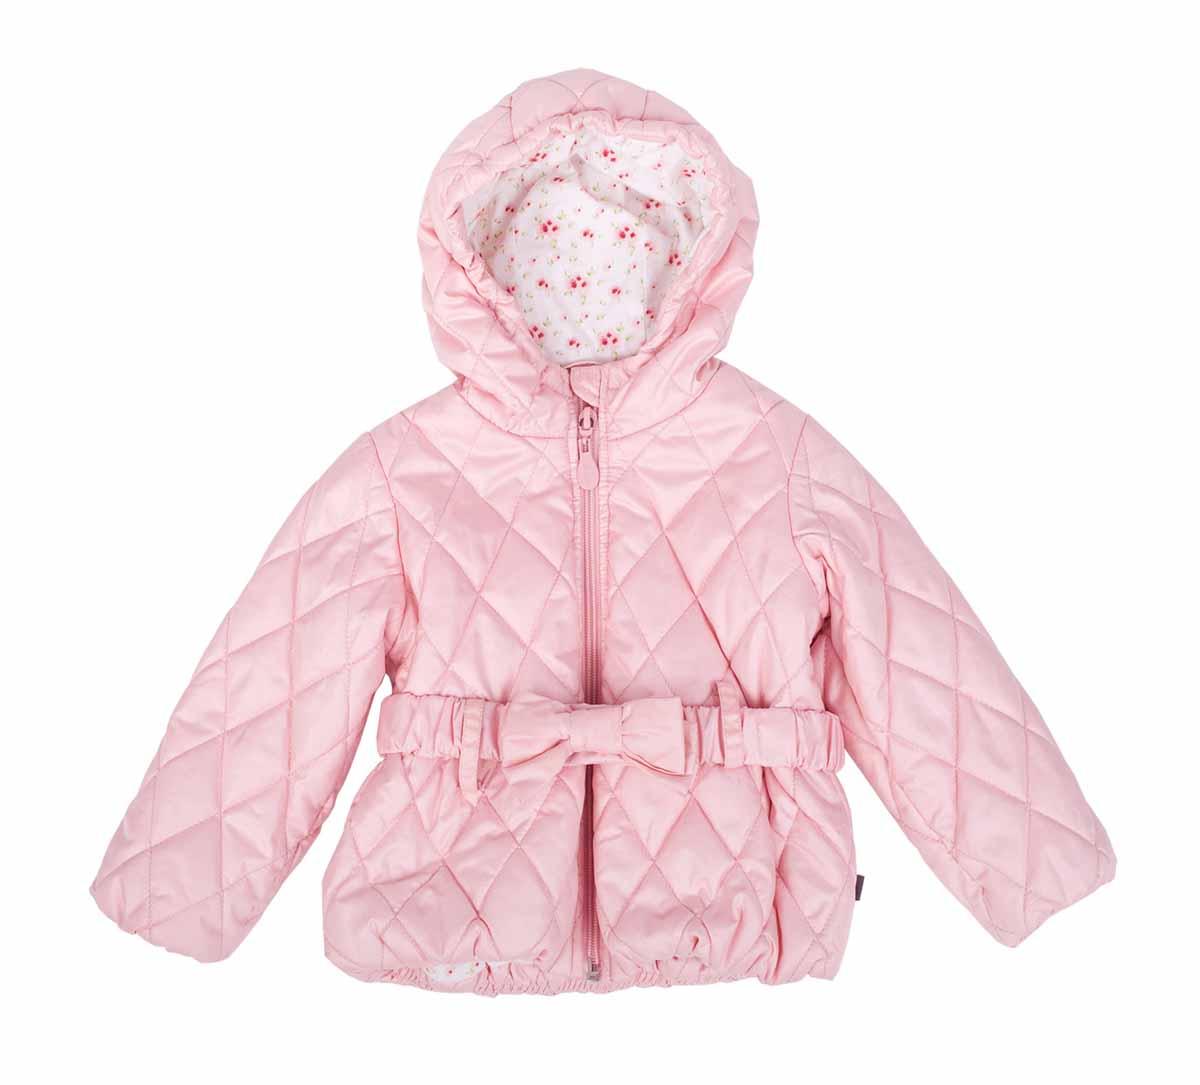 Куртка для девочки. 116 GB GC 4 101116GBGC4101Утепленная стеганая куртка для девочки Gulliver Baby идеально подойдет вашей моднице в холодное время года. Куртка изготовлена из водоотталкивающей и ветрозащитной ткани с утеплителем из полиэстера, и на подкладке из натурального хлопка. Удлиненная куртка с капюшоном застегивается на пластиковую застежку-молнию с защитой подбородка, благодаря чему ее легко одевать и снимать, и дополнительно имеет ветрозащитный клапан. Капюшон не отстегивается. Край капюшона присборен на резинку. На талии куртка дополнена шлевками для ремня и эластичным пояском на кнопках, декорированным бантом, благодаря которому она плотно прилегает к телу. Актуальные прошитые ромбы являются ярким акцентом модели. Комфортная, удобная и теплая куртка идеально подойдет для прогулок и игр на свежем воздухе! Незаменимая вещь в холодную осеннюю погоду!